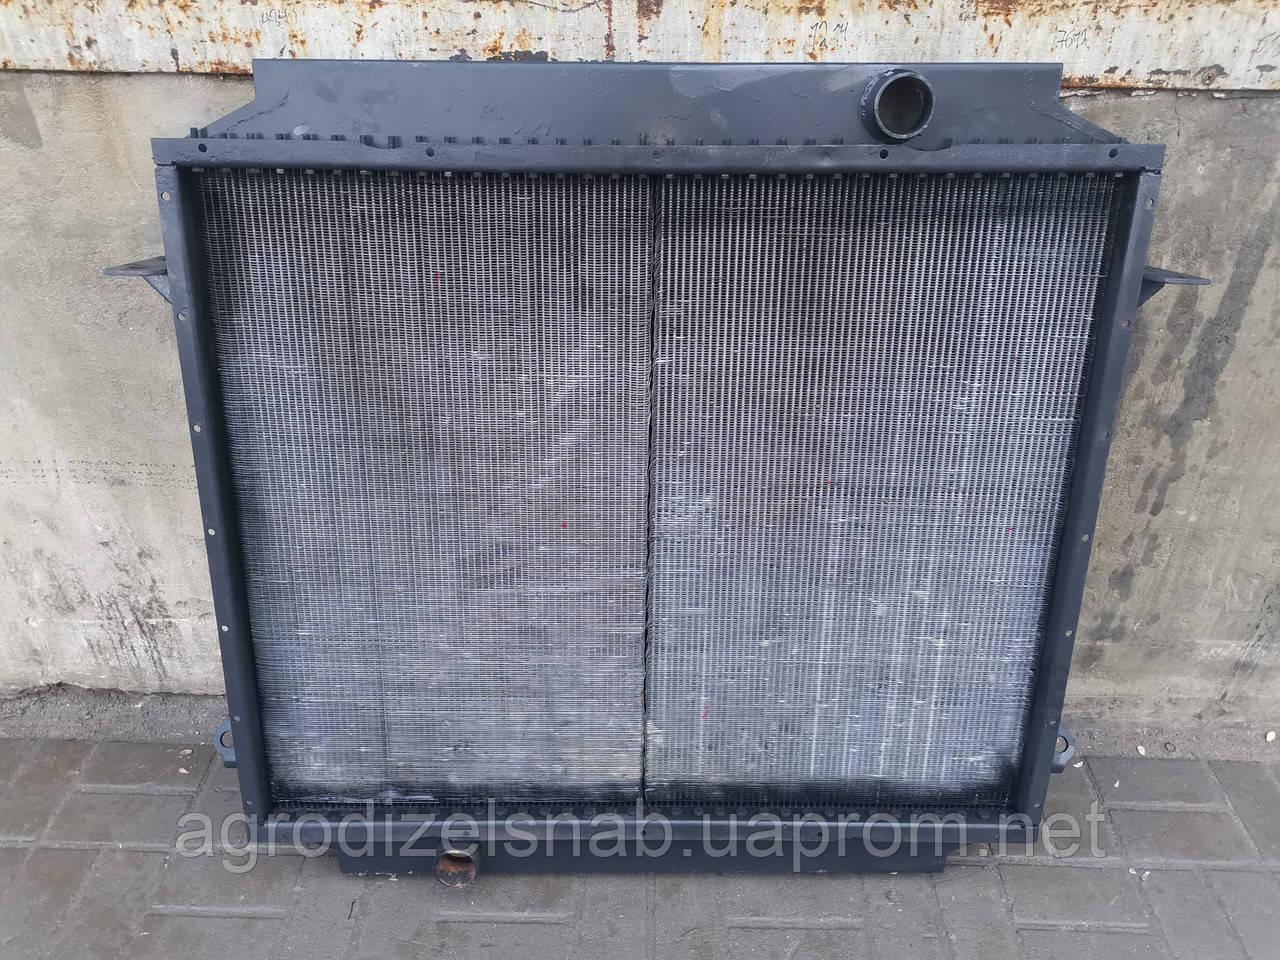 Радиатор водяного охлаждения трактора КИРОВЕЦ К-701 (ЯМЗ-240) 701.13.01.000-1